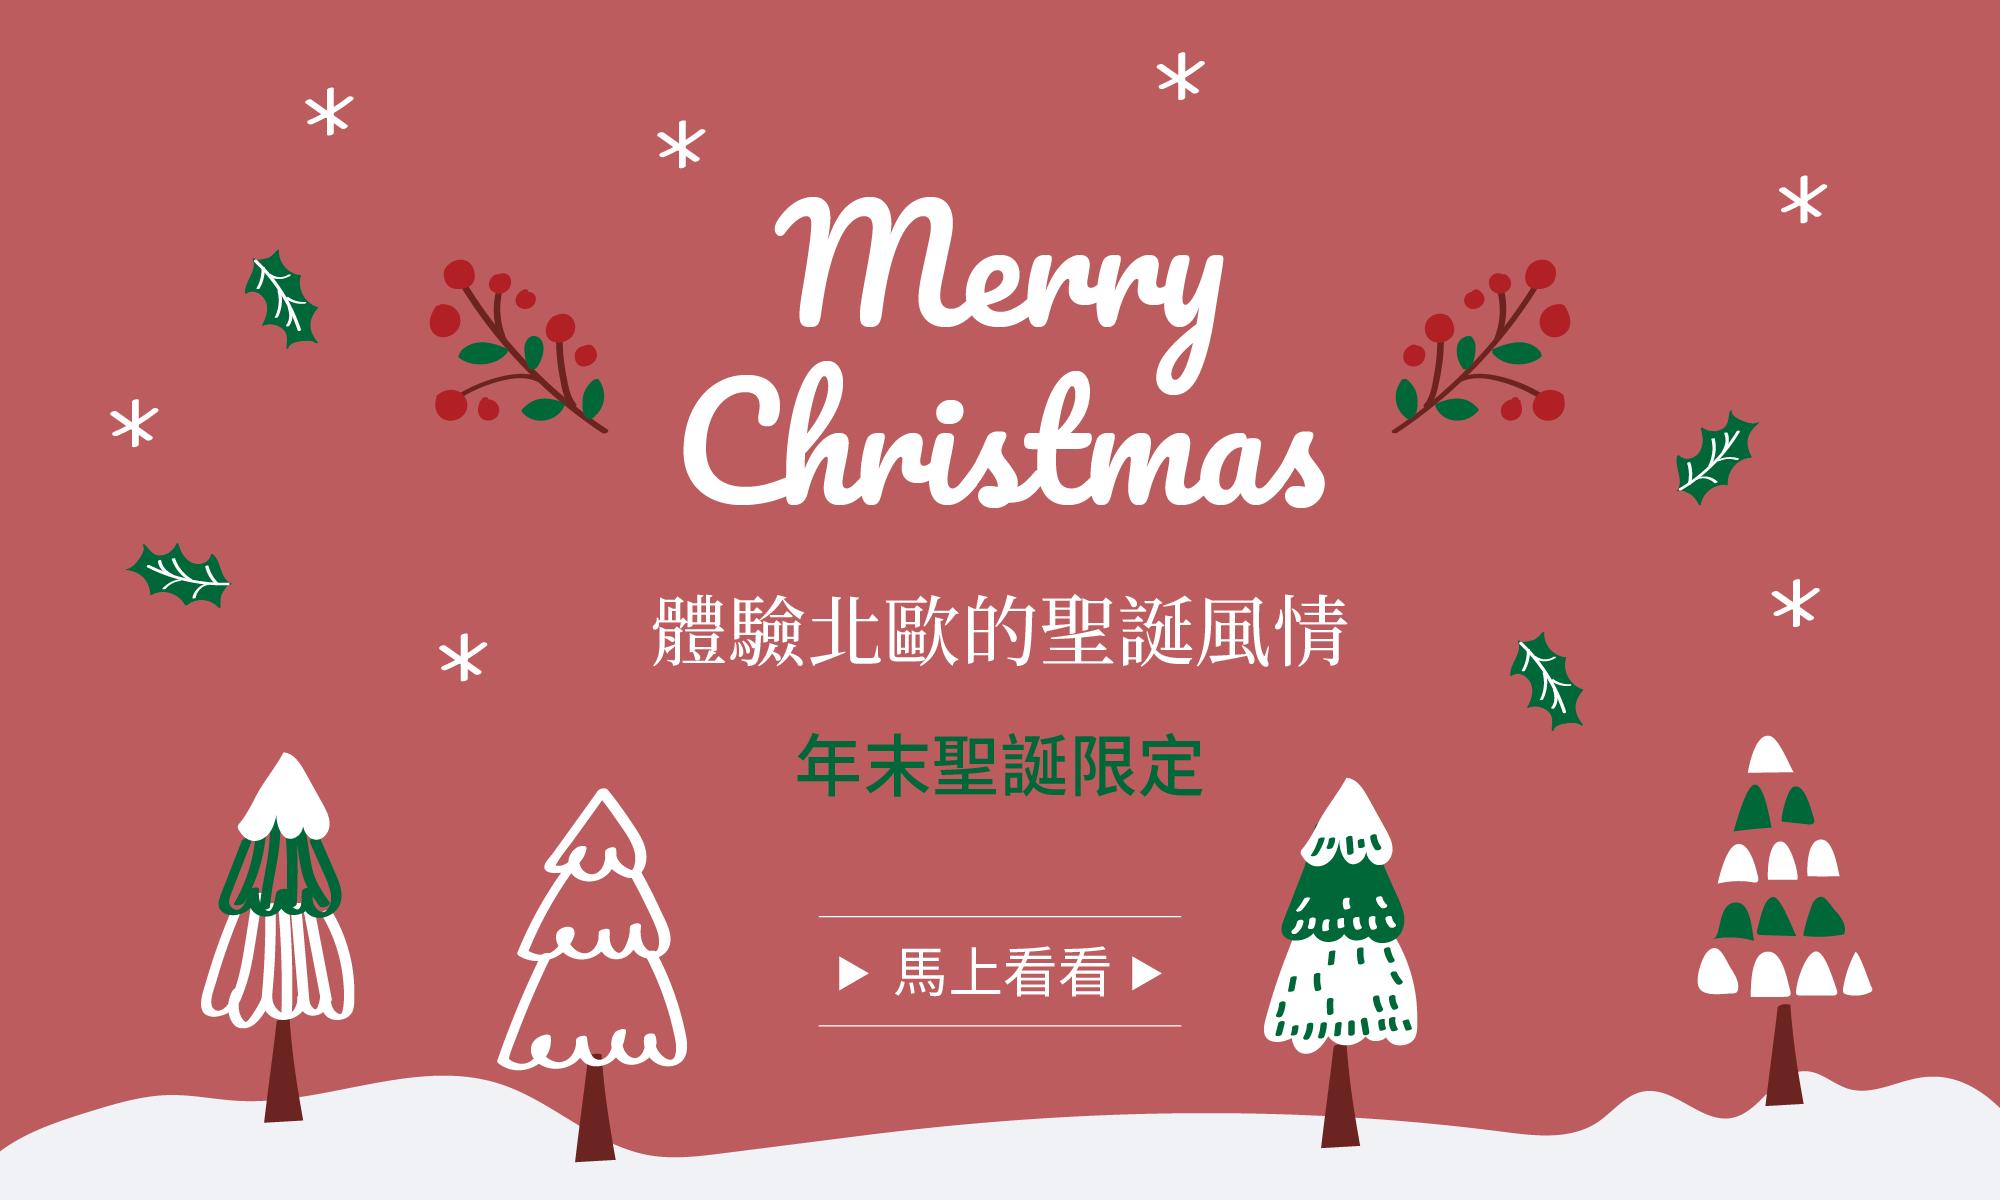 覓幸聖誕商品圖片連結